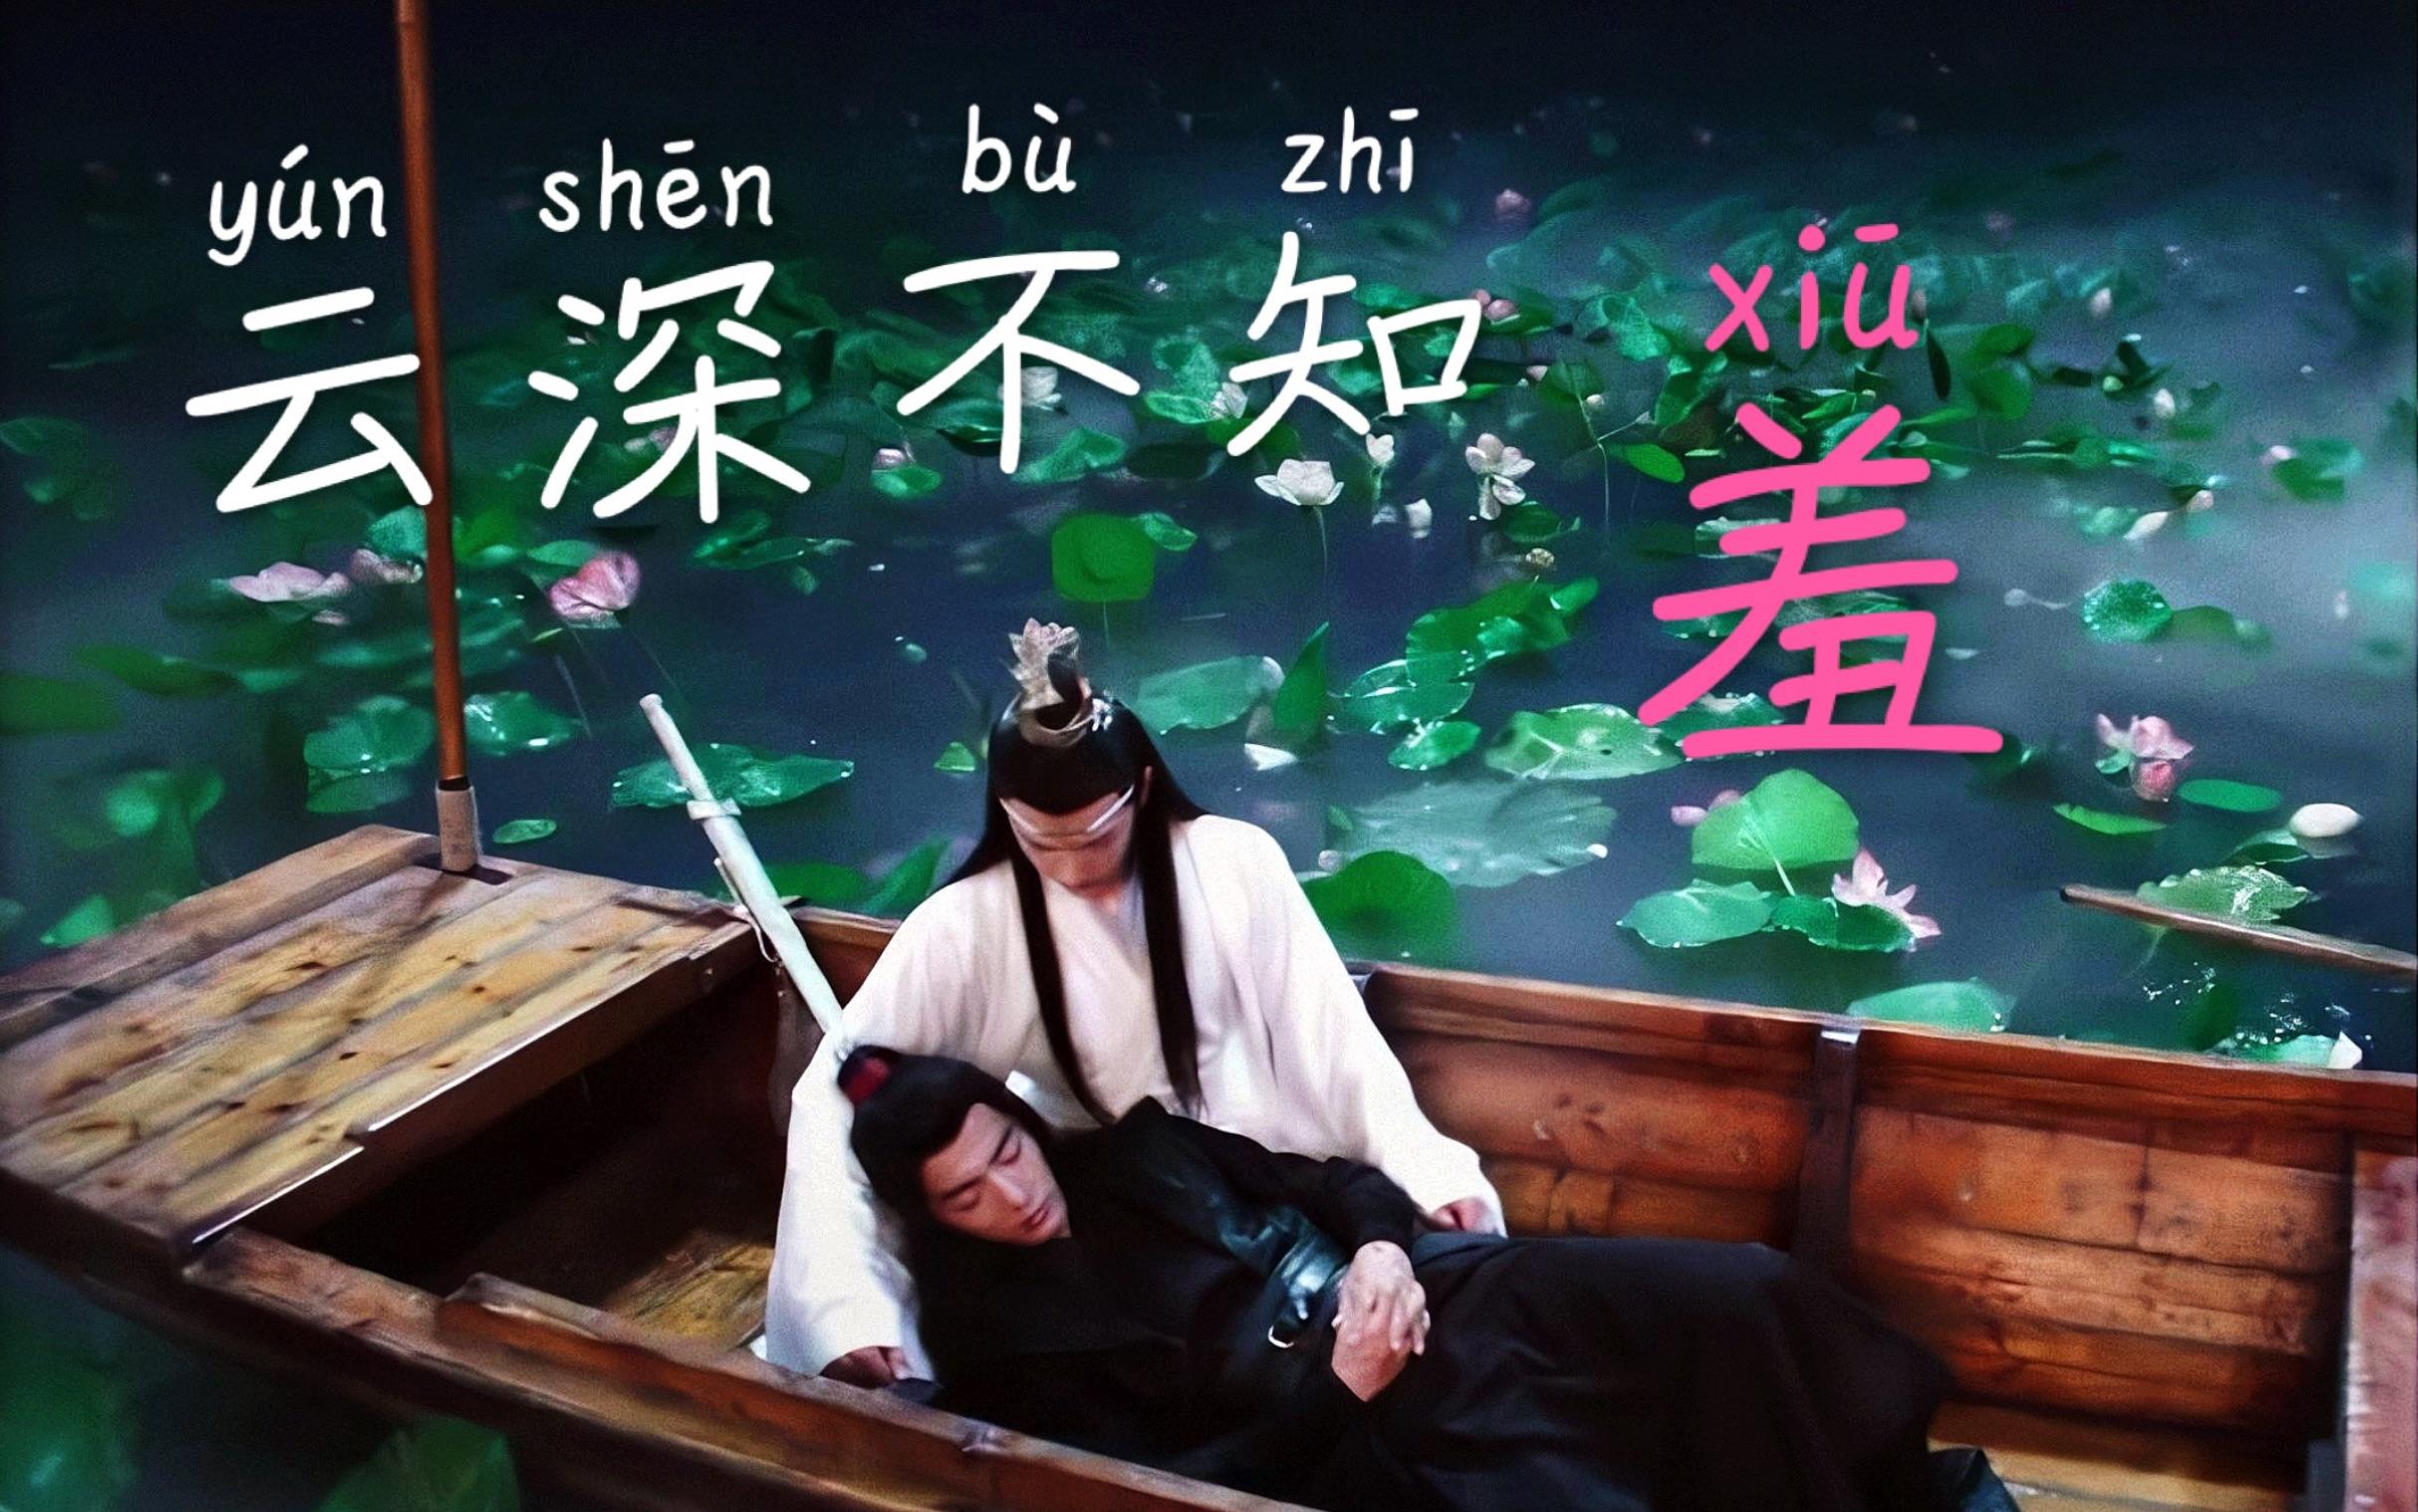 【陈情令/忘羡】肖战x王一博/云深不知羞/甜到昏迷/魏无羡的沙雕日常